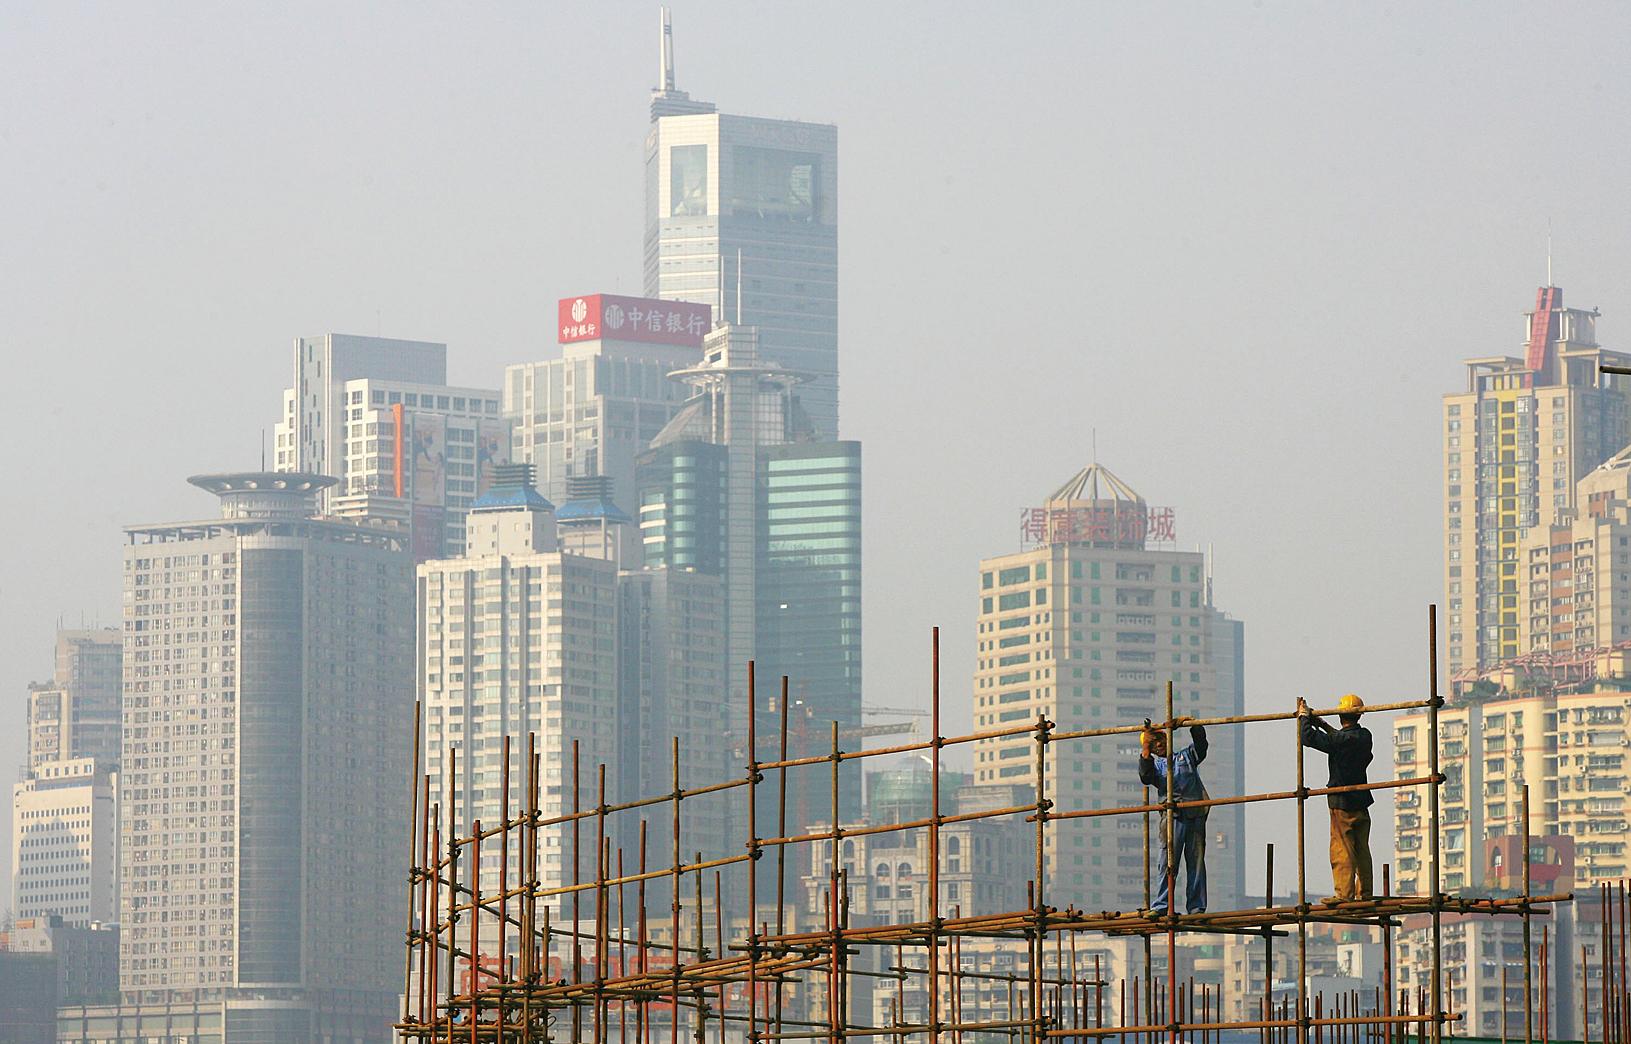 上海和重慶最近緊急出現樓市調控,尤其是重慶樓市出現較大幅度變動。(Getty Images)